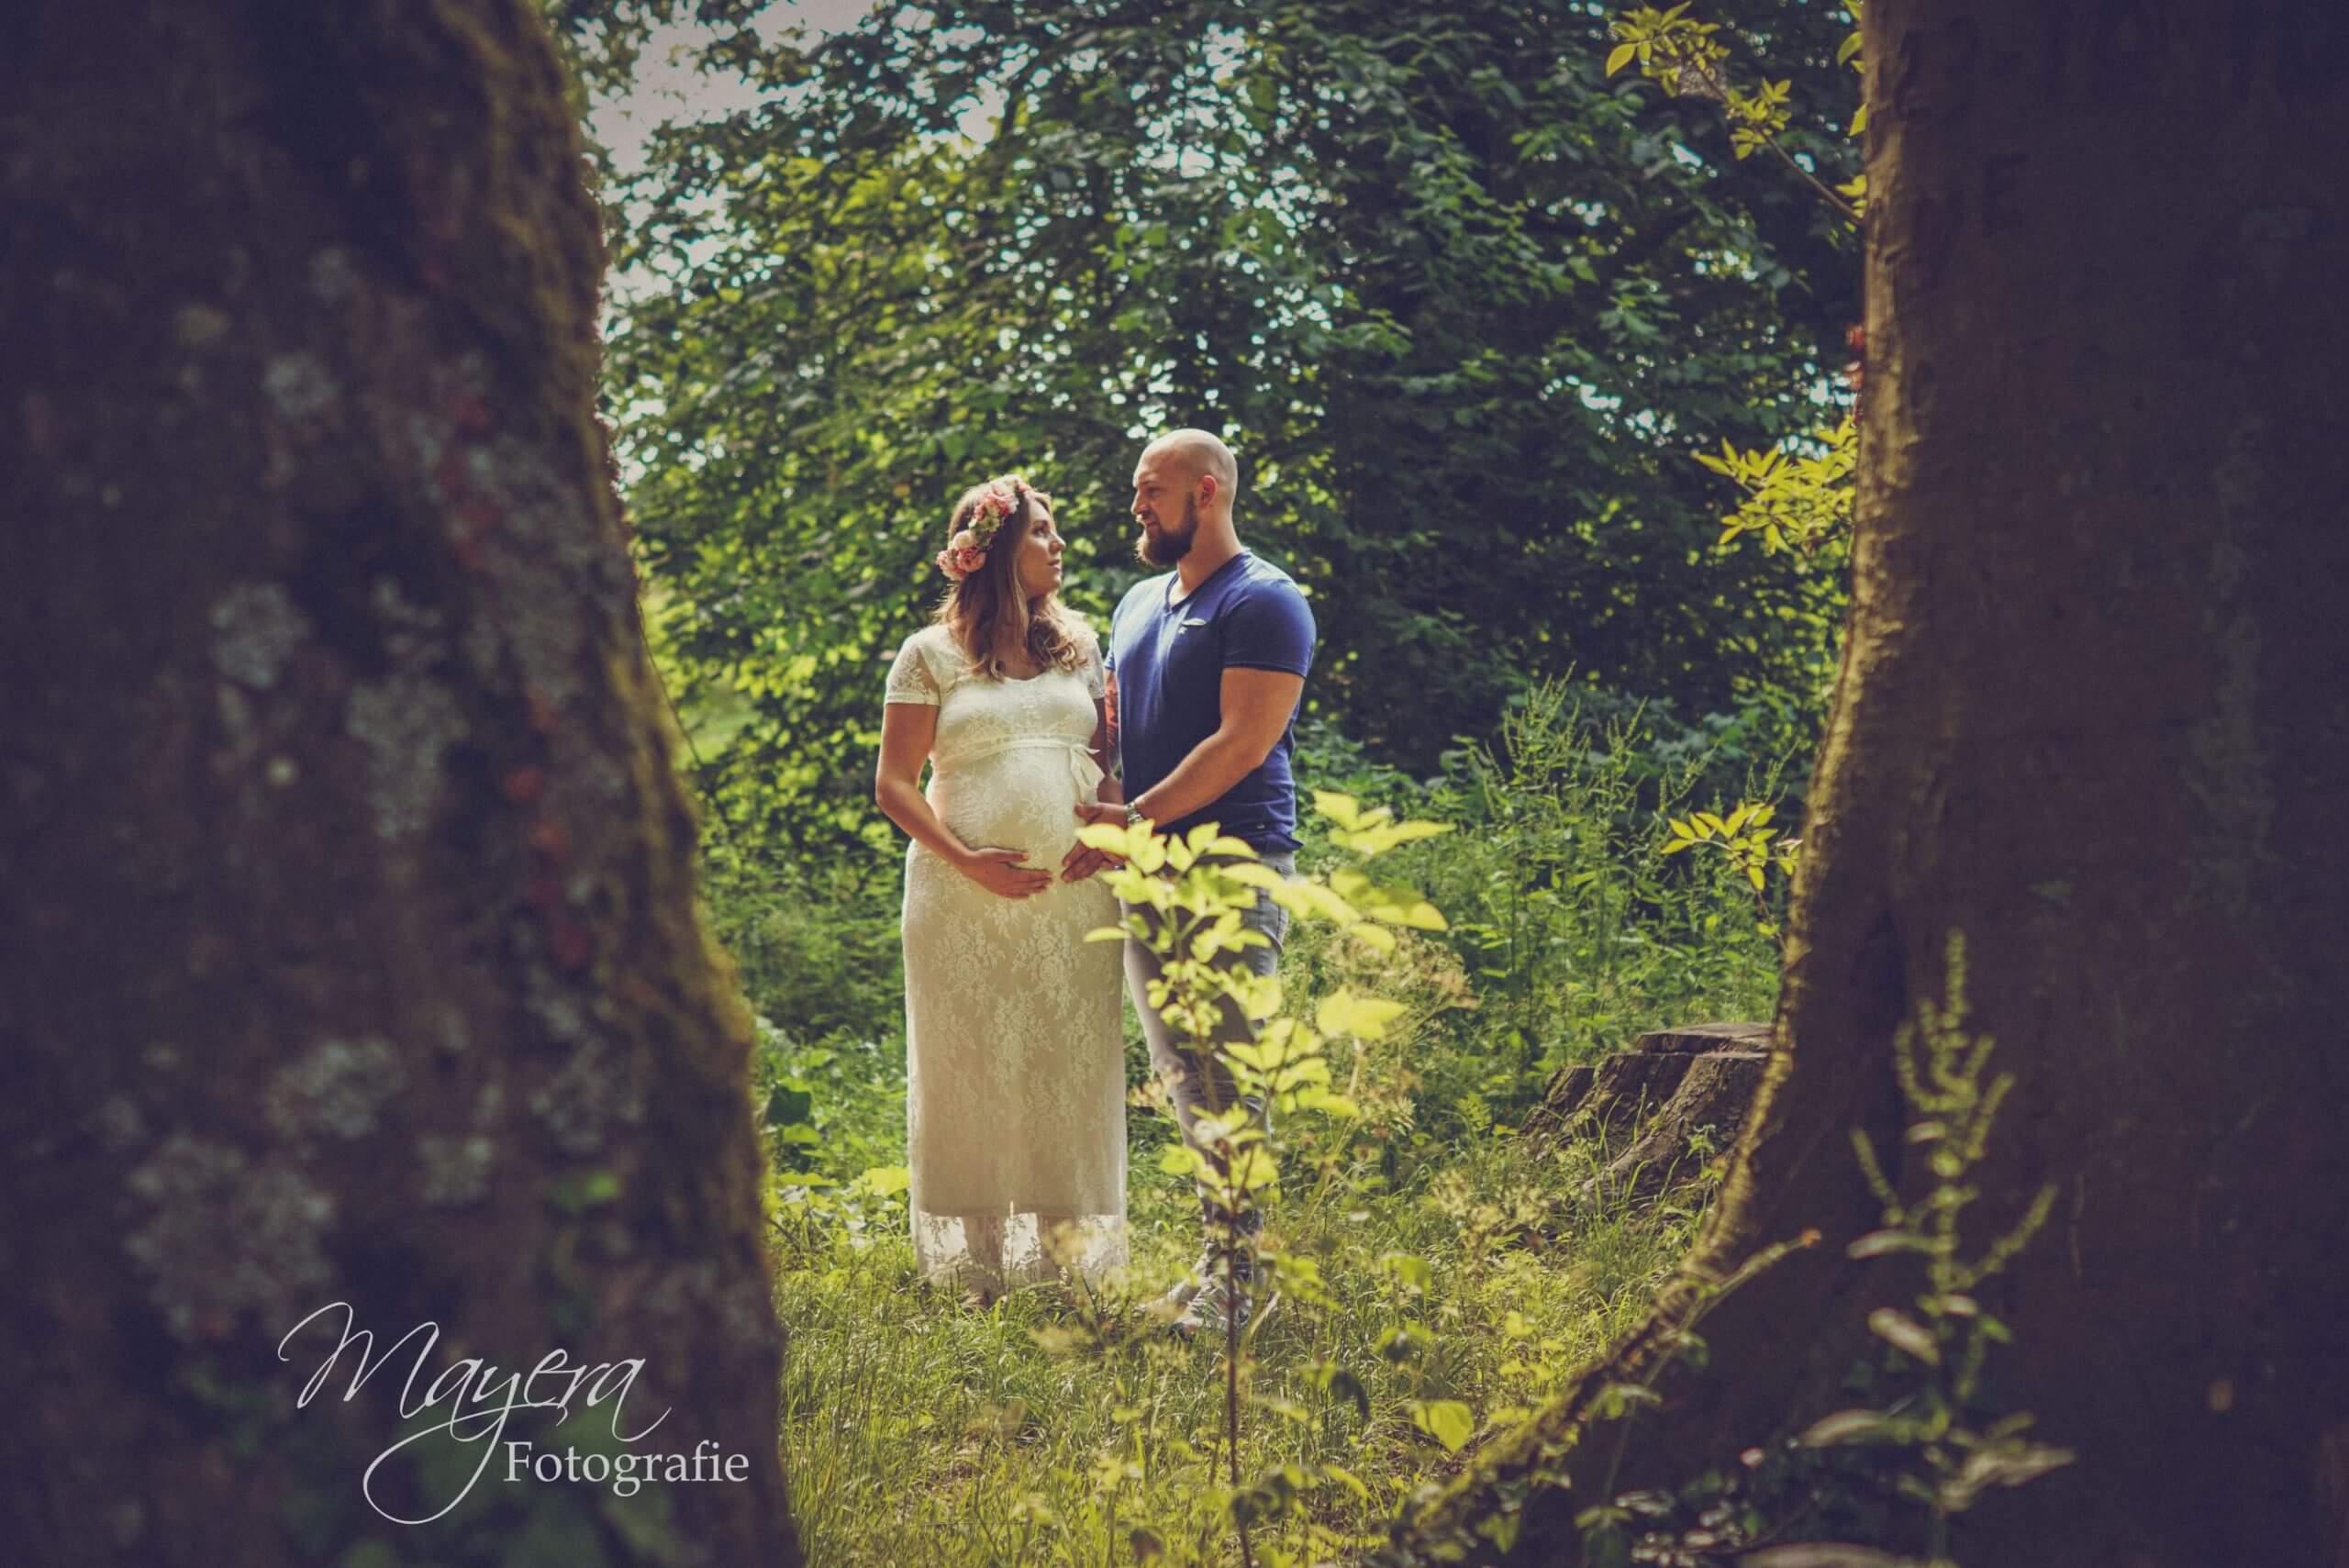 romantisch koppel zwangerschap bos